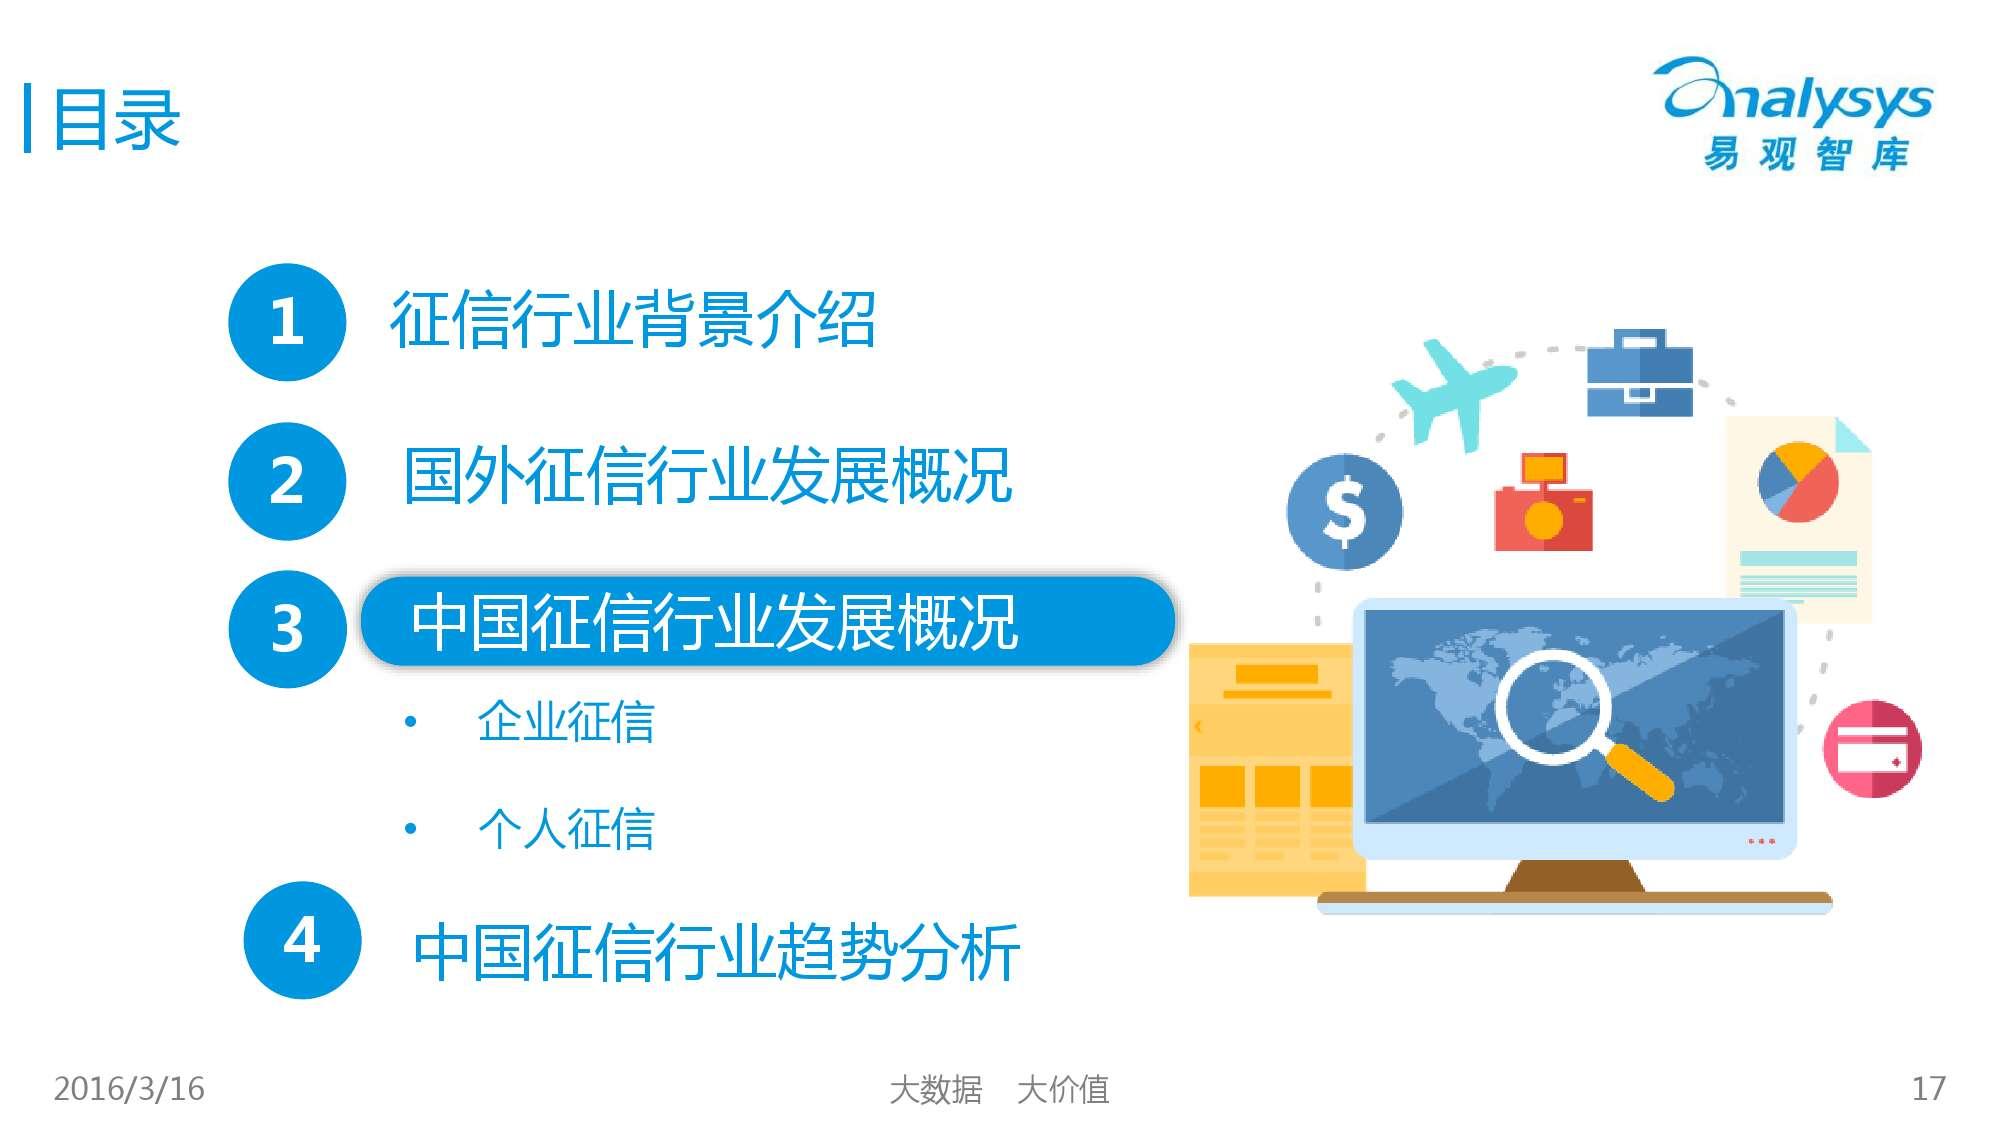 中国征信行业专题研究报告2016_000017